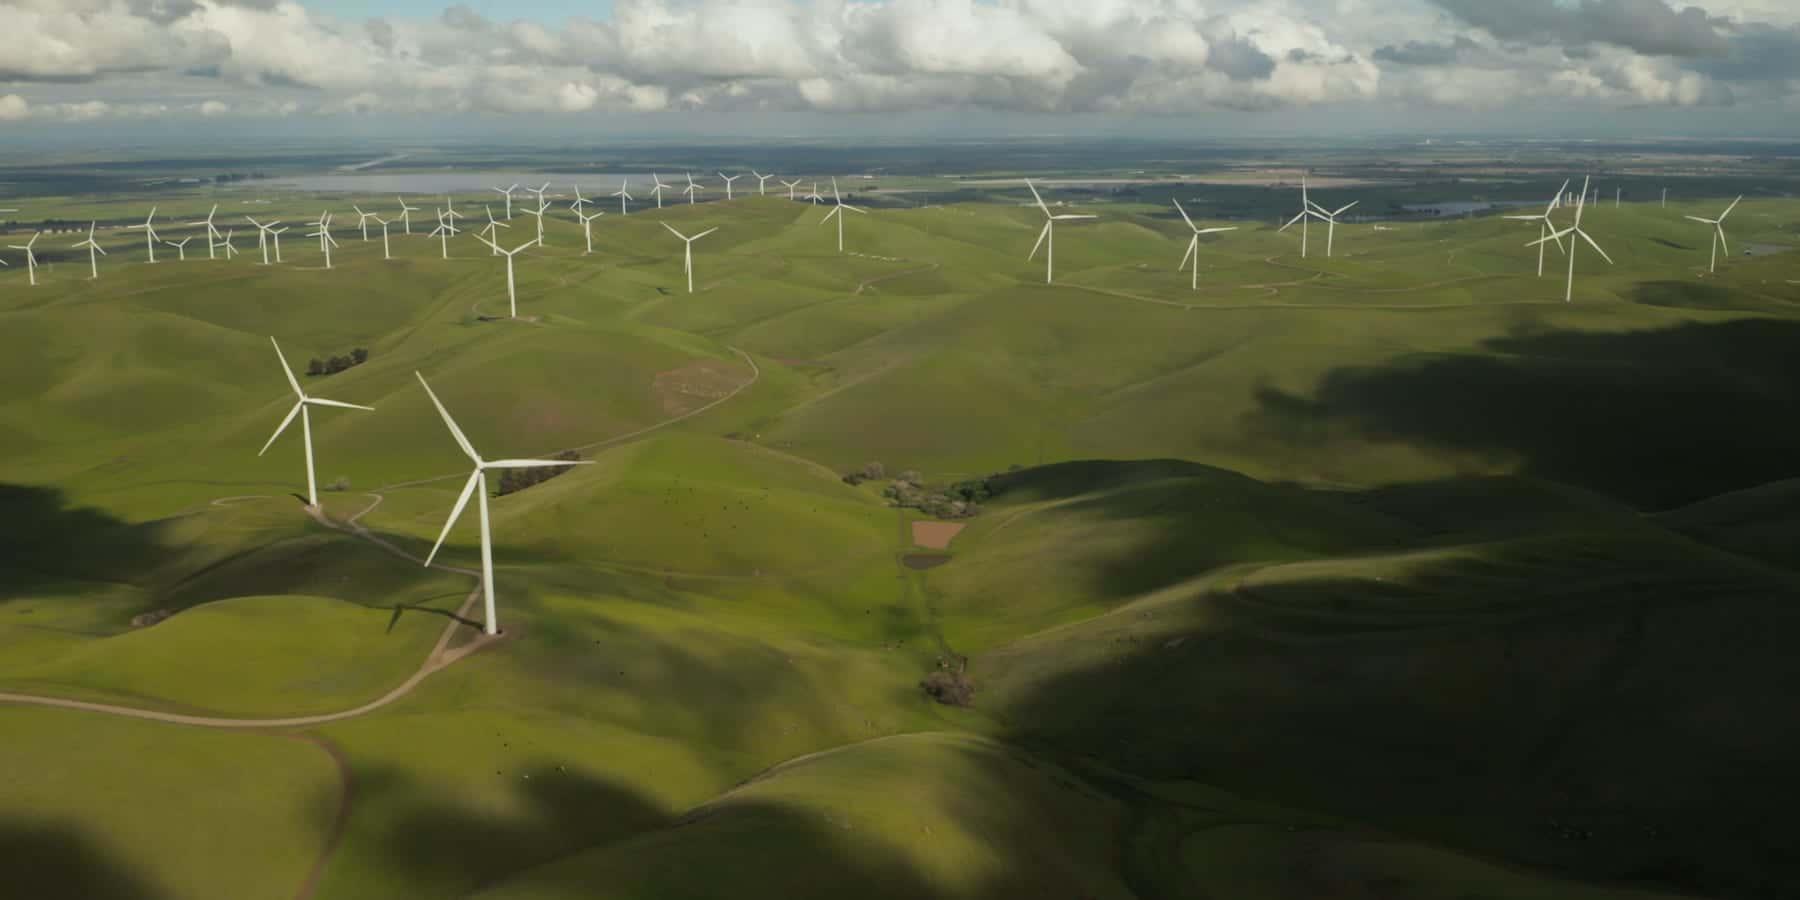 デンマークが世界初「エネルギー島」建設へ。再エネ拠点で近隣諸国と連携強化